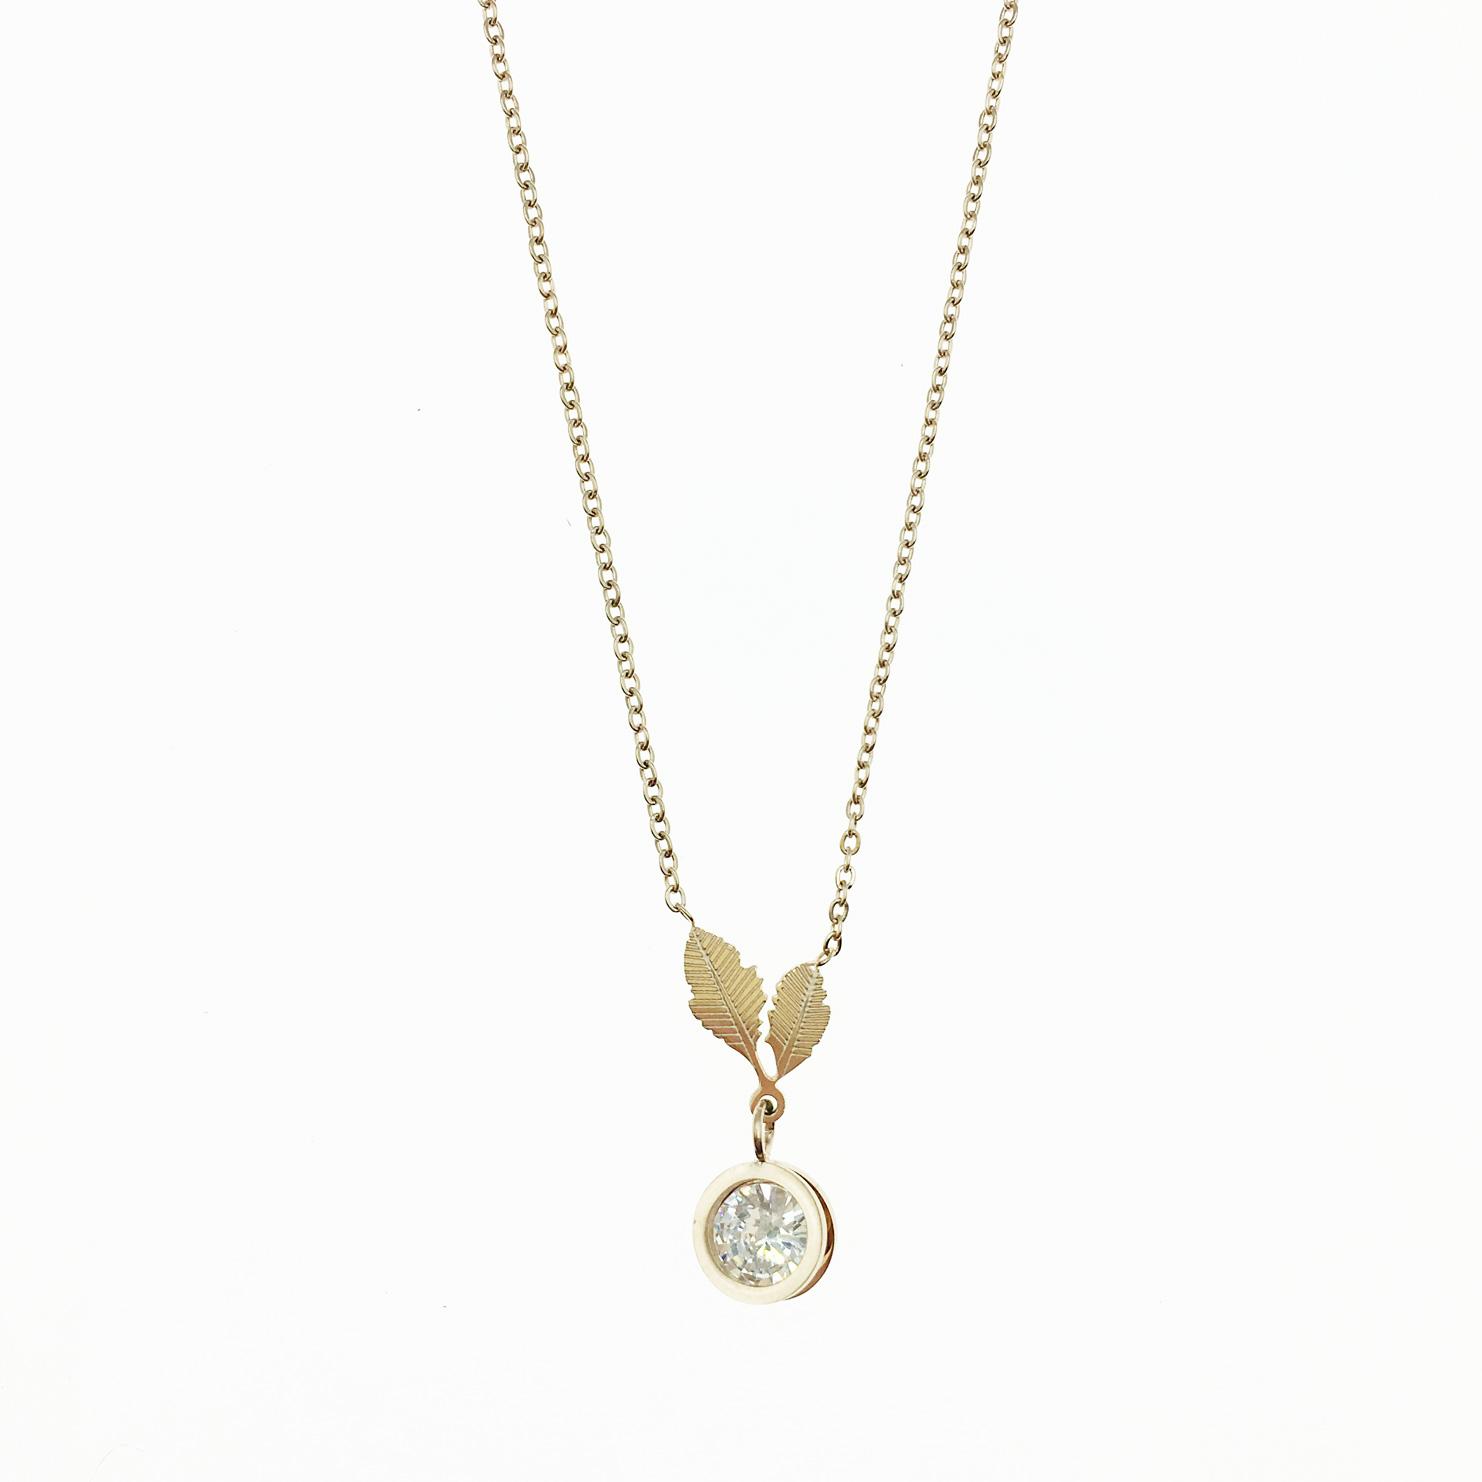 韓國 不鏽鋼 葉子 圓鑽 夾心水鑽 玫瑰金 項鍊